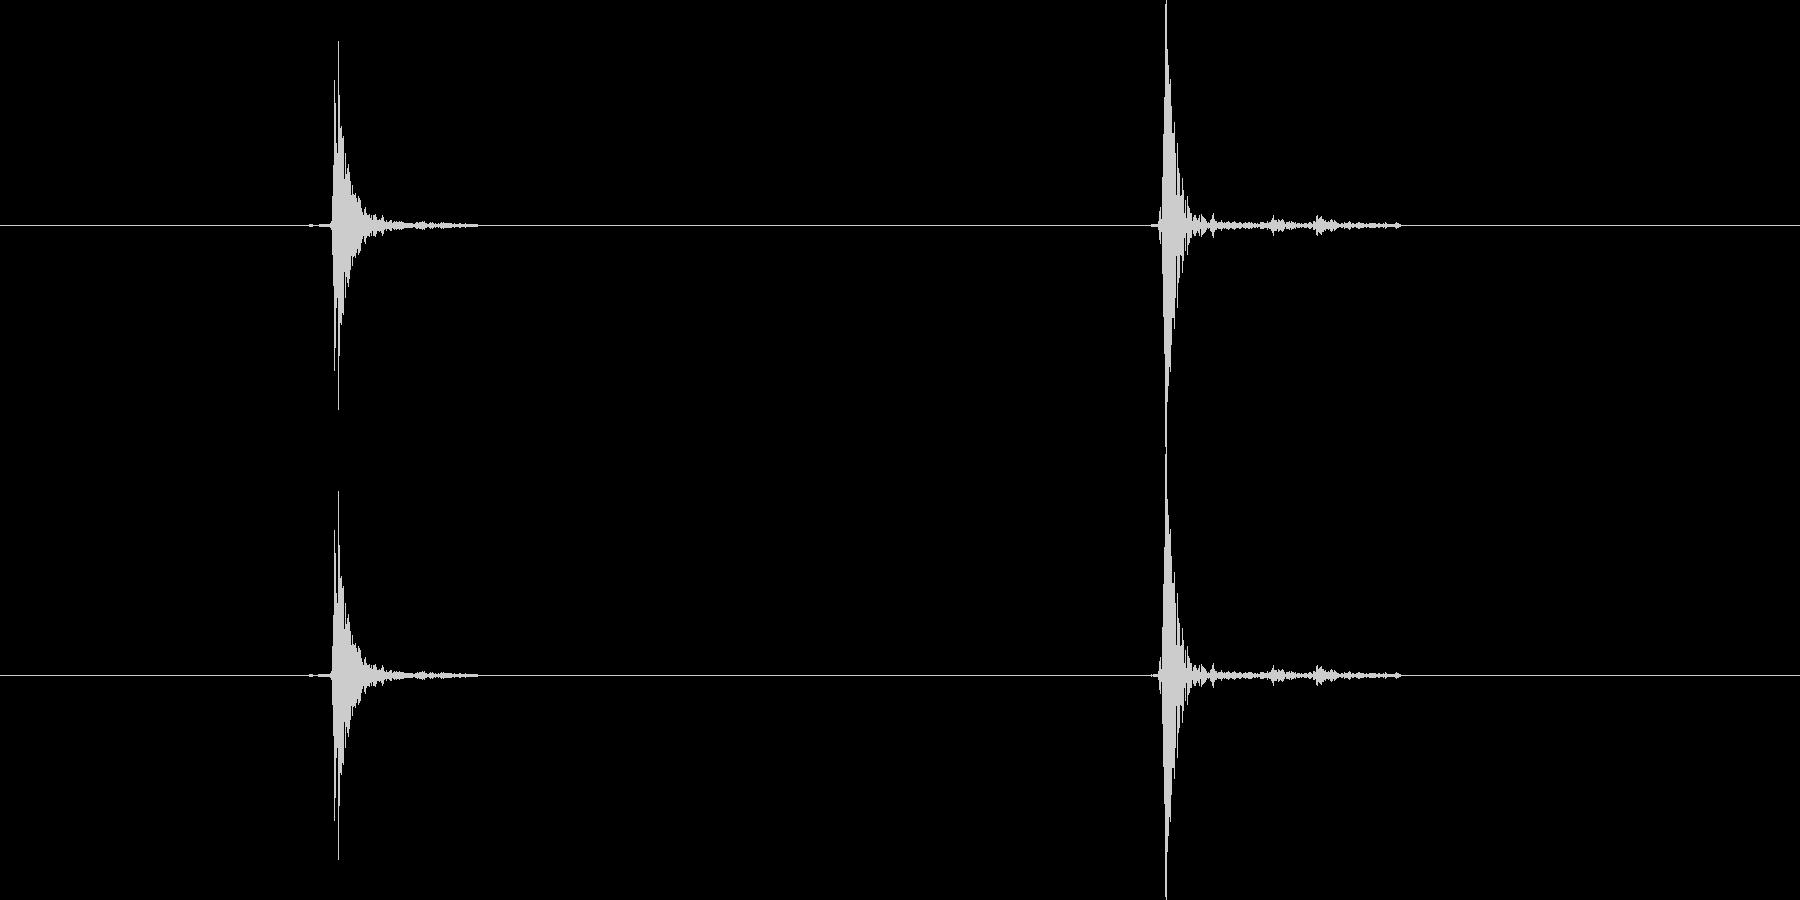 マウスをクリックする音(カチ)の未再生の波形